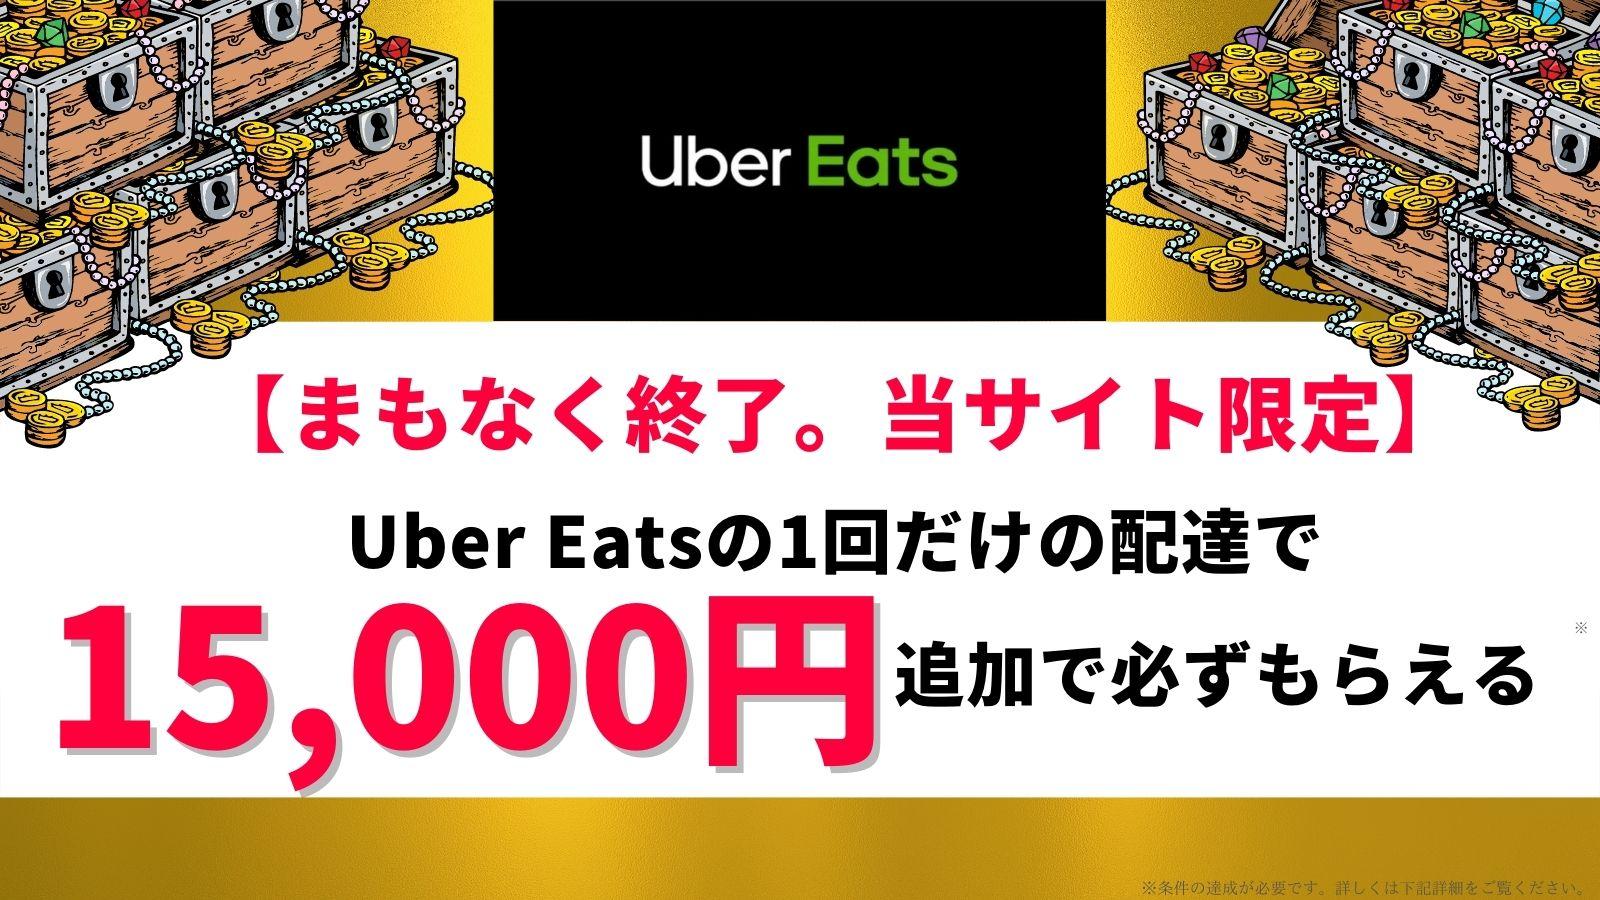 Uber Eats登録15,000円キャッシュバックキャンペーン